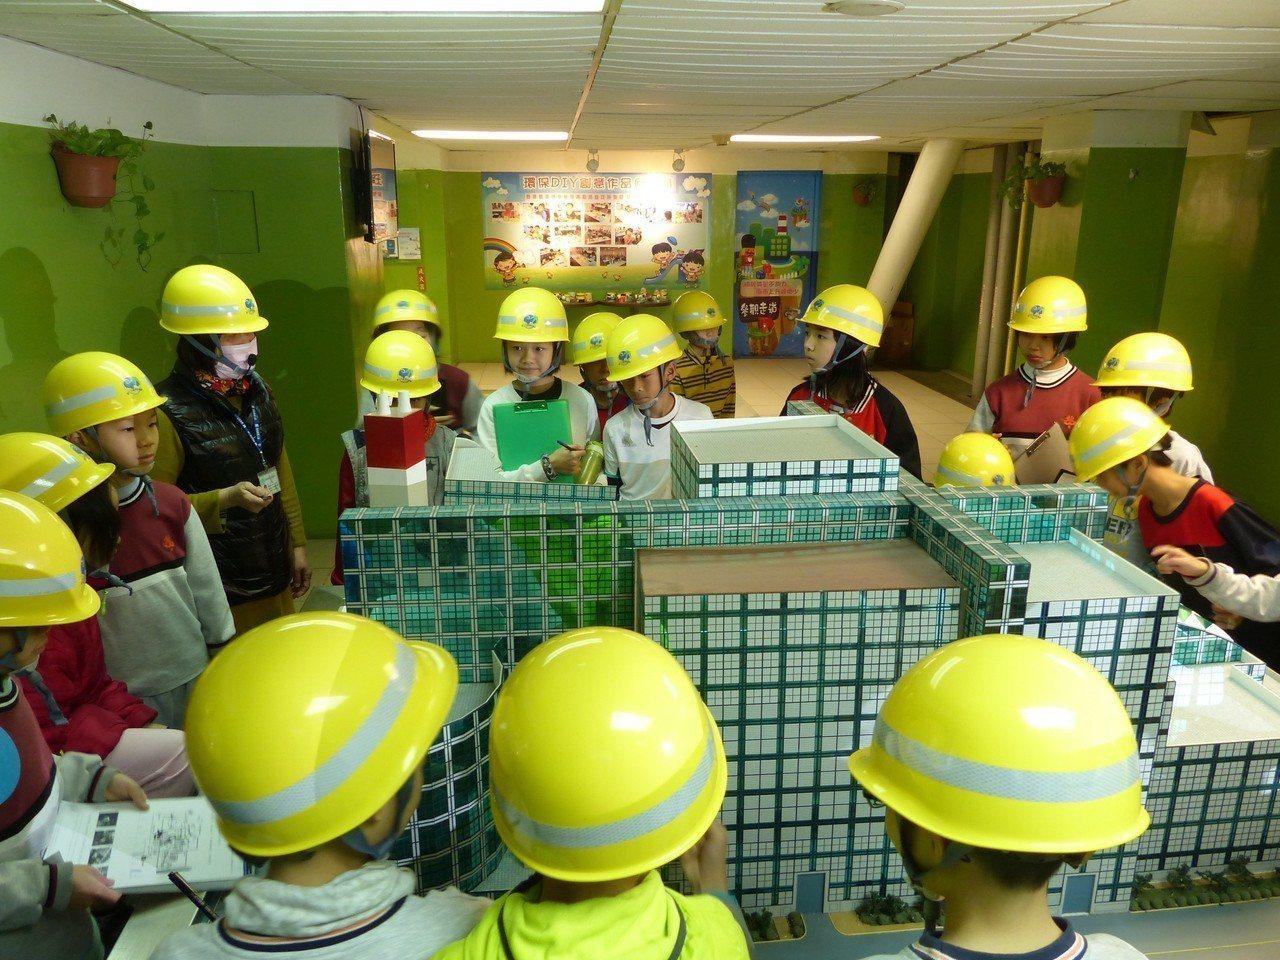 新竹市垃圾焚化爐設有「濱海低碳環境教育中心」,免費提供民眾參觀。照片/環保局提供